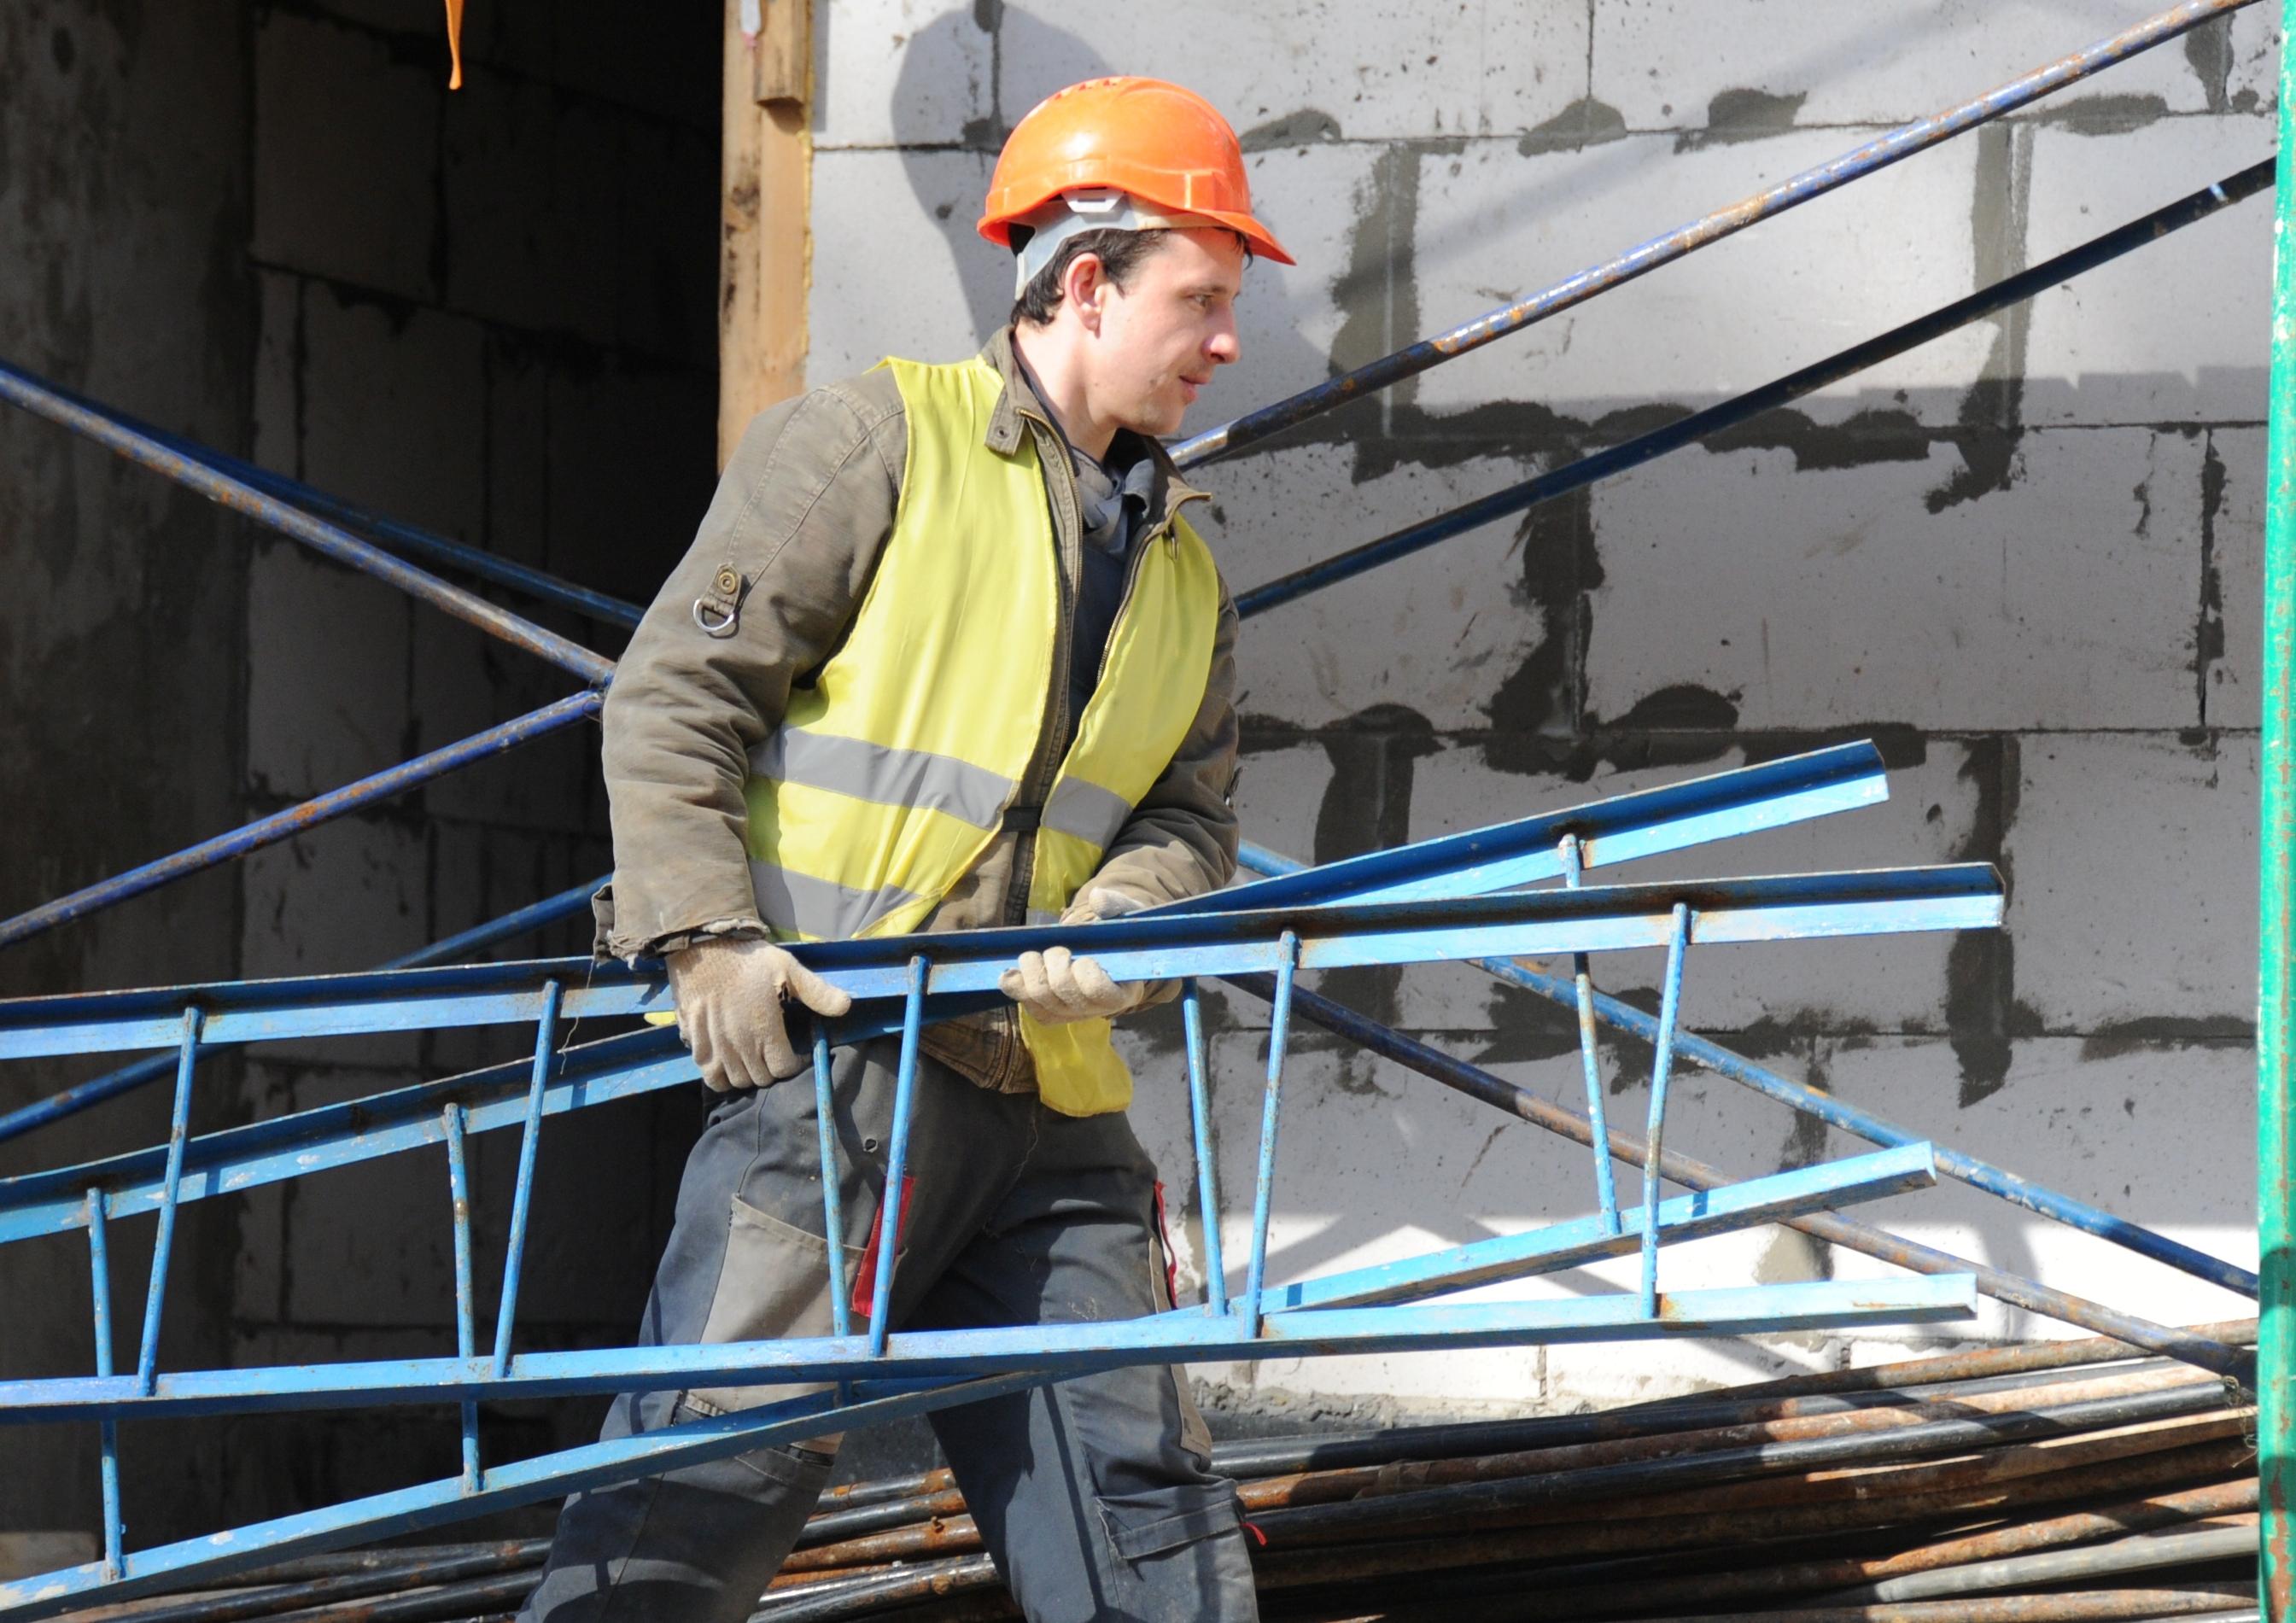 Москвичи купили 3,3 гектара земли под индивидуальное строительство в 2020 году